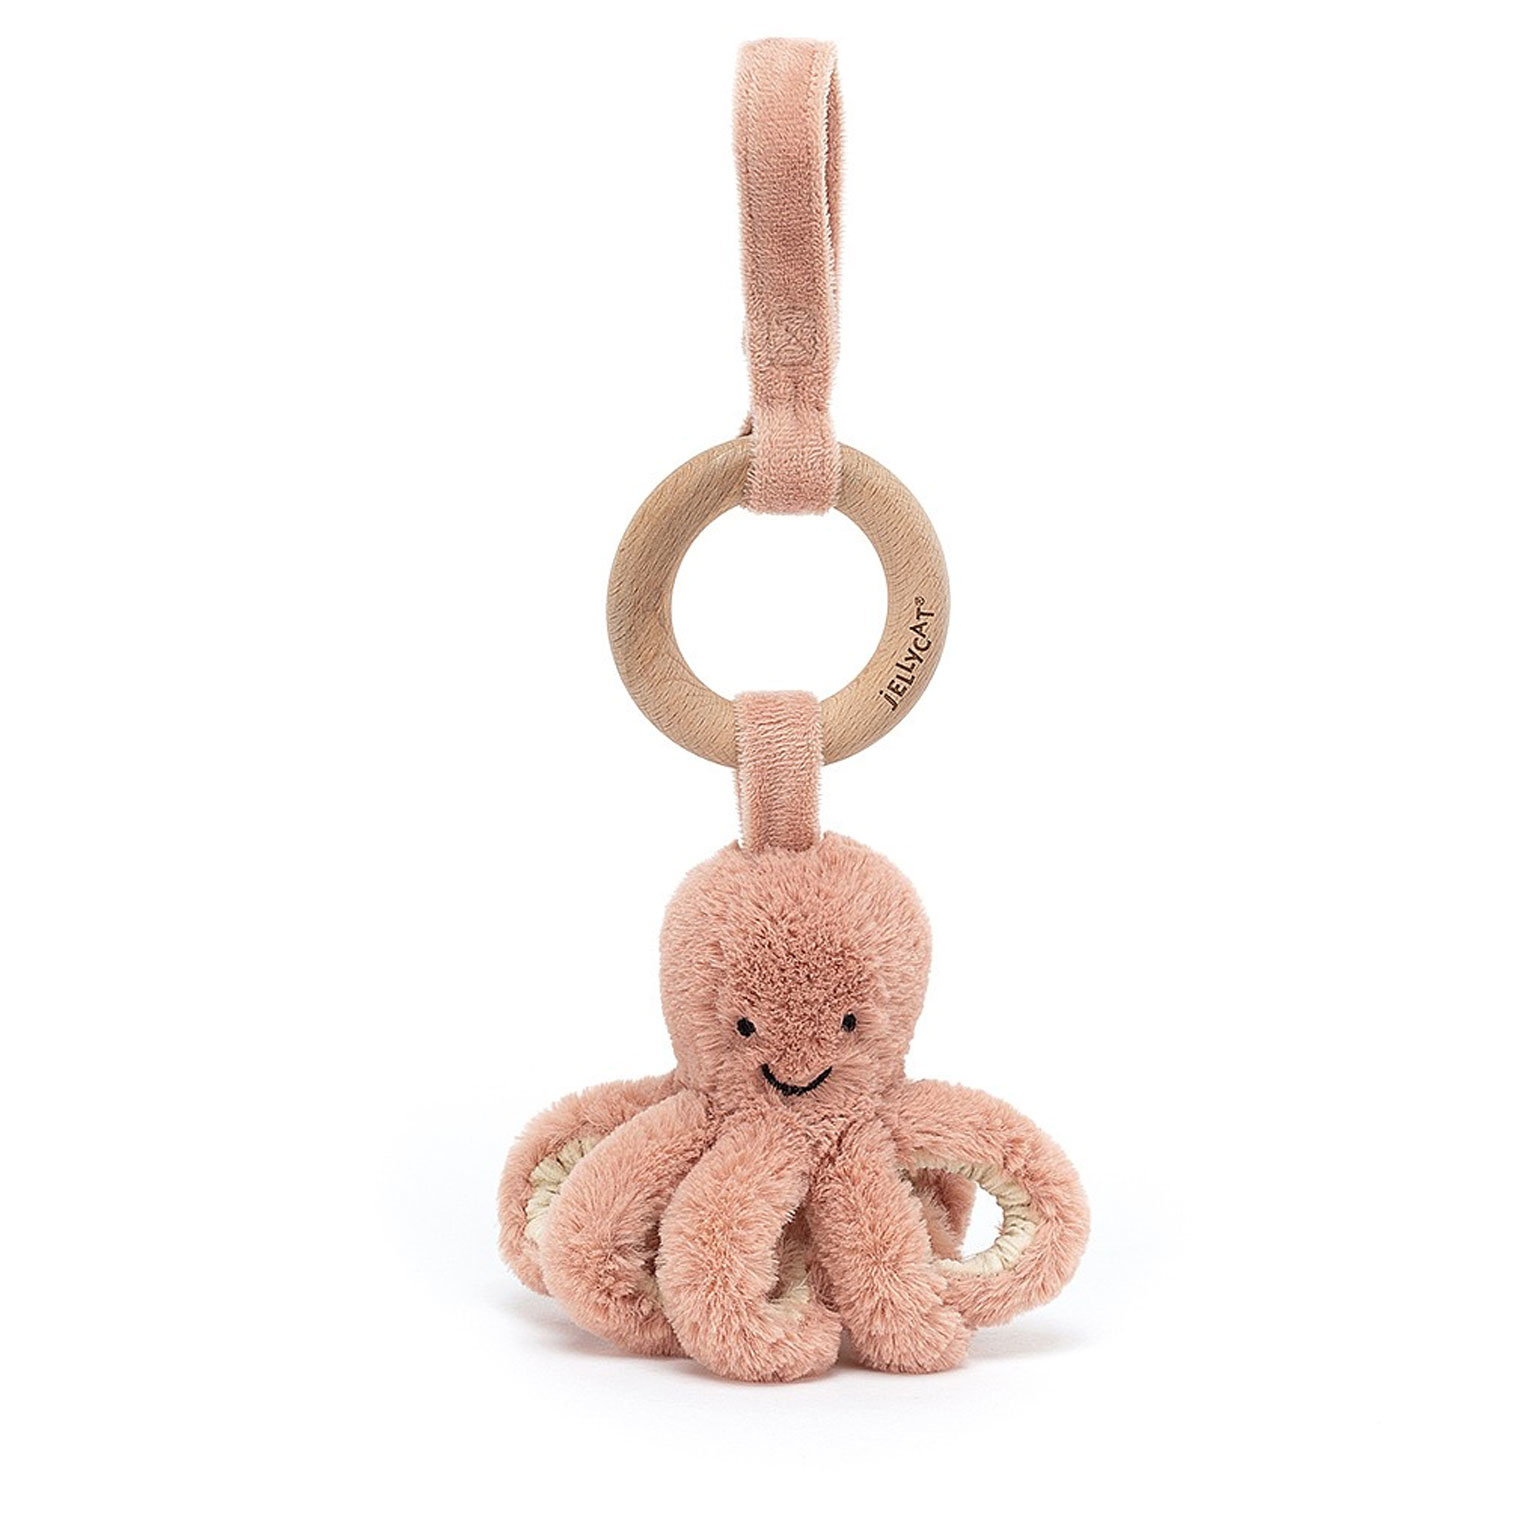 Jellycat knuffels Jellycat Odell octopus met houten ring 21 cm